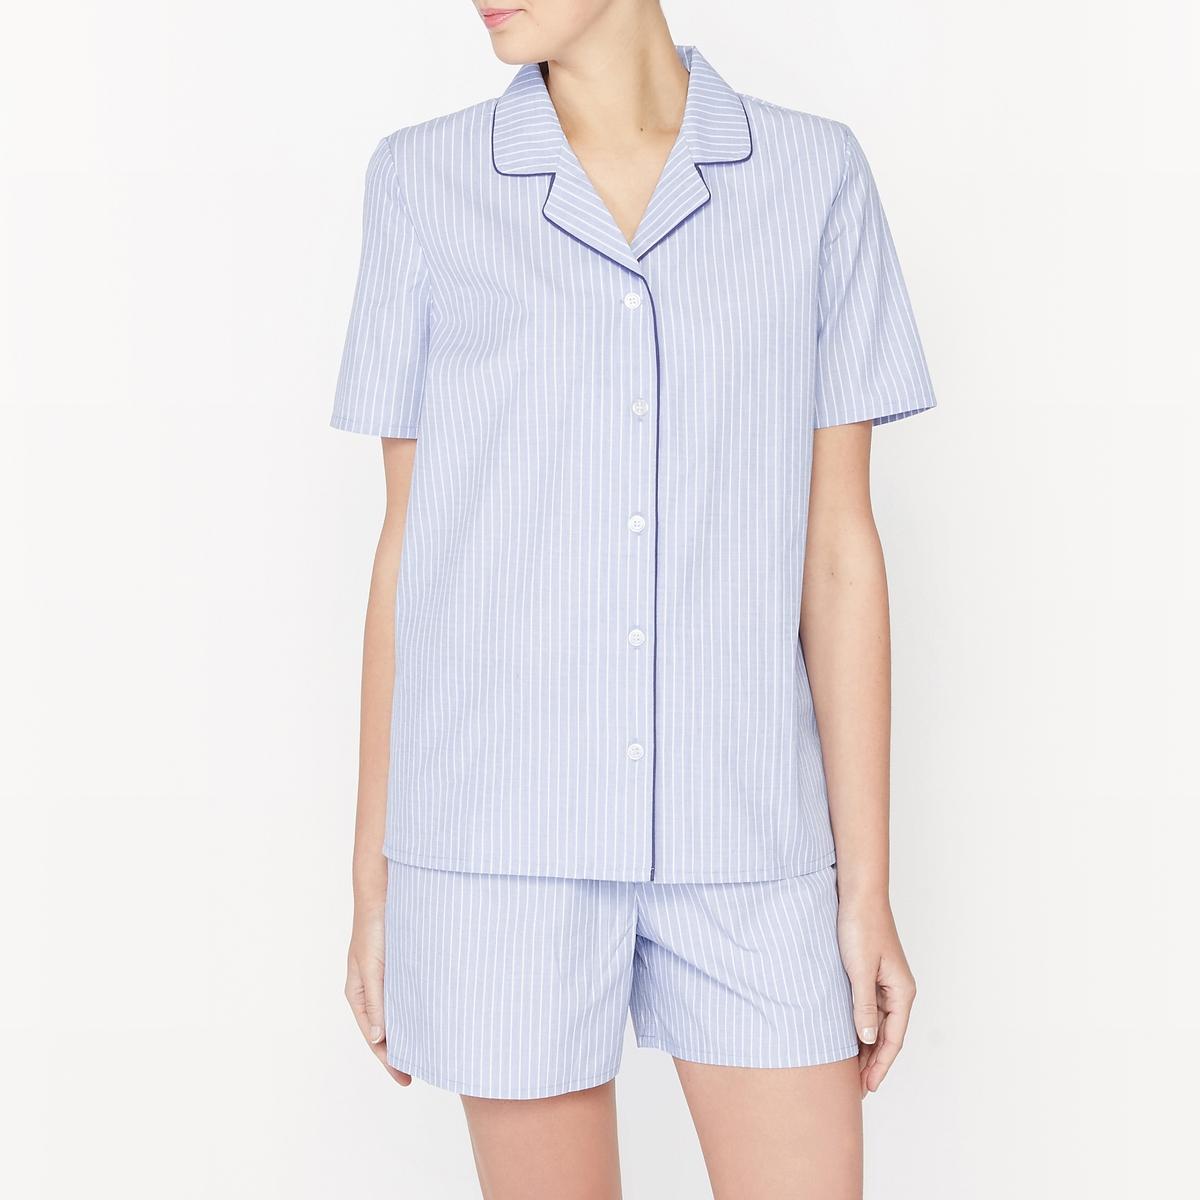 Пижама с шортами в полоску, 100% хлопок